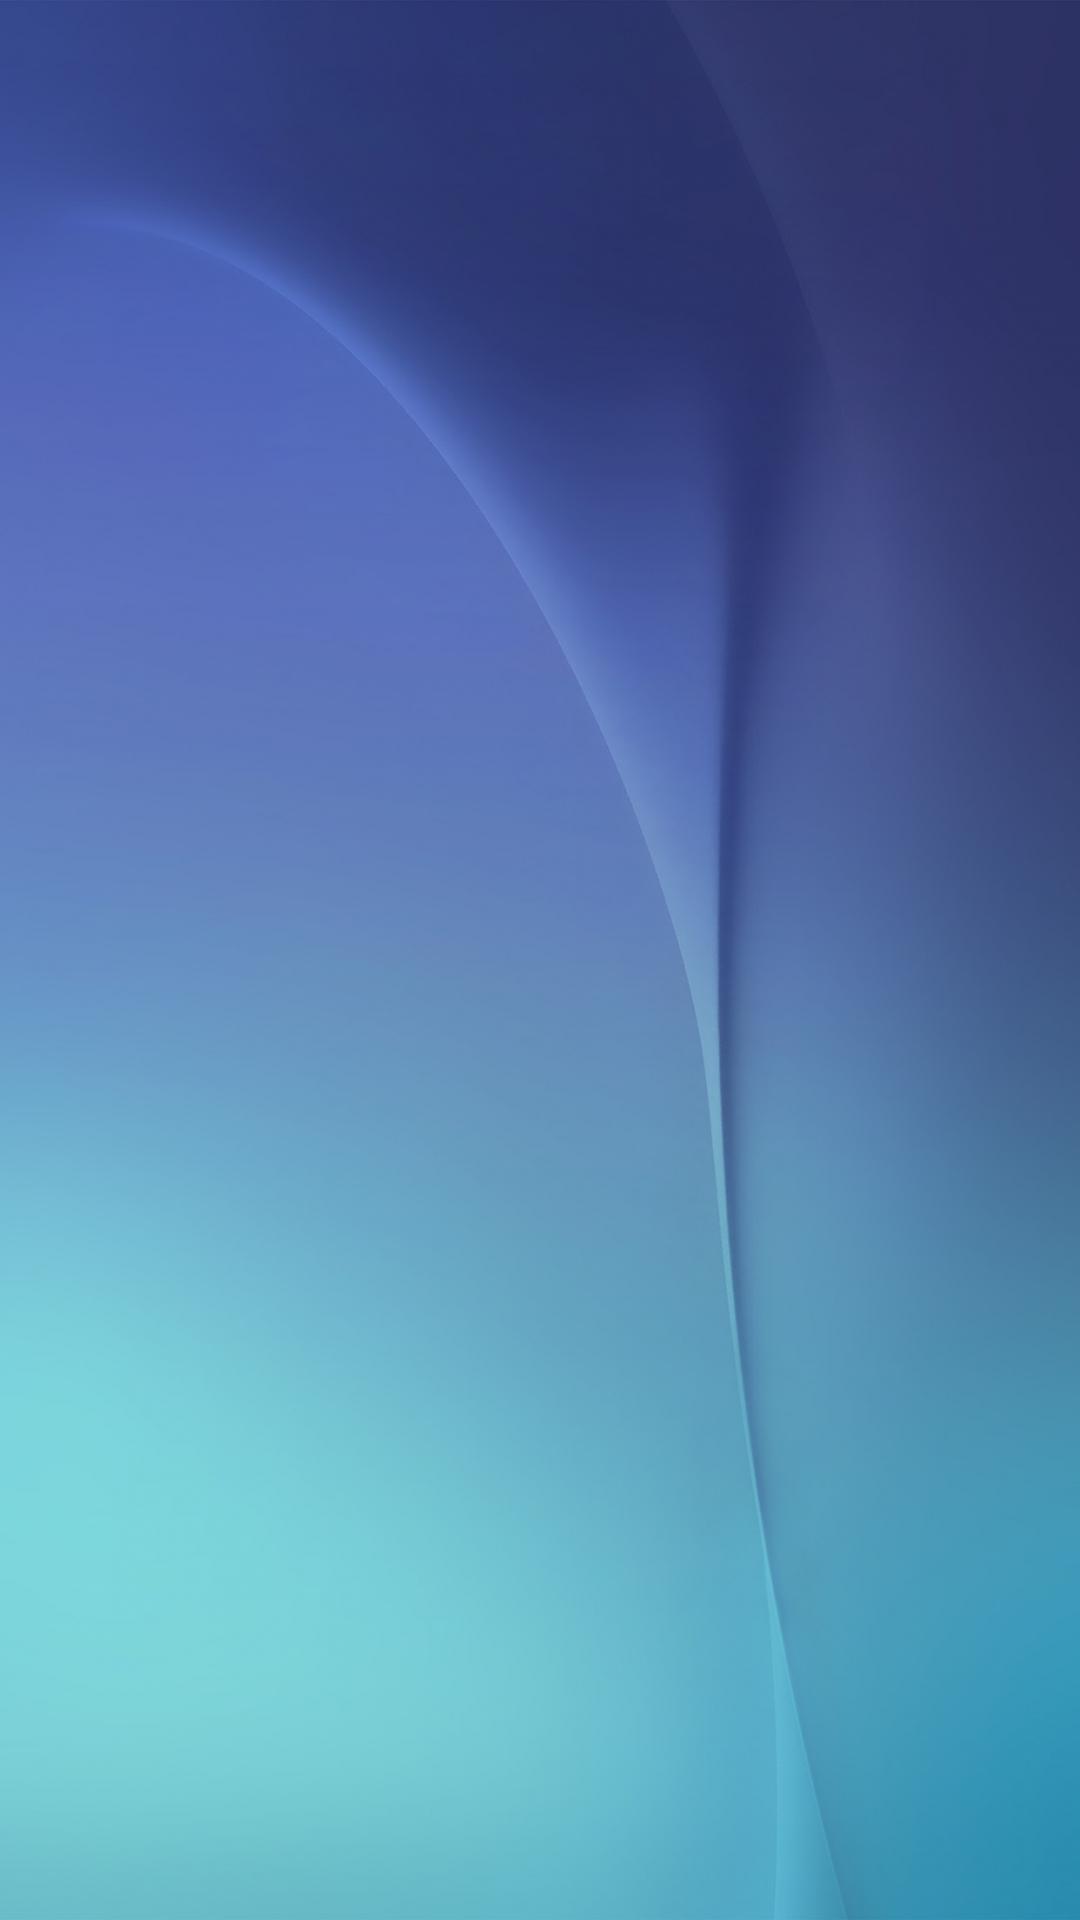 抽象的な海iphone 7 Plus壁紙 Iphoneチーズ